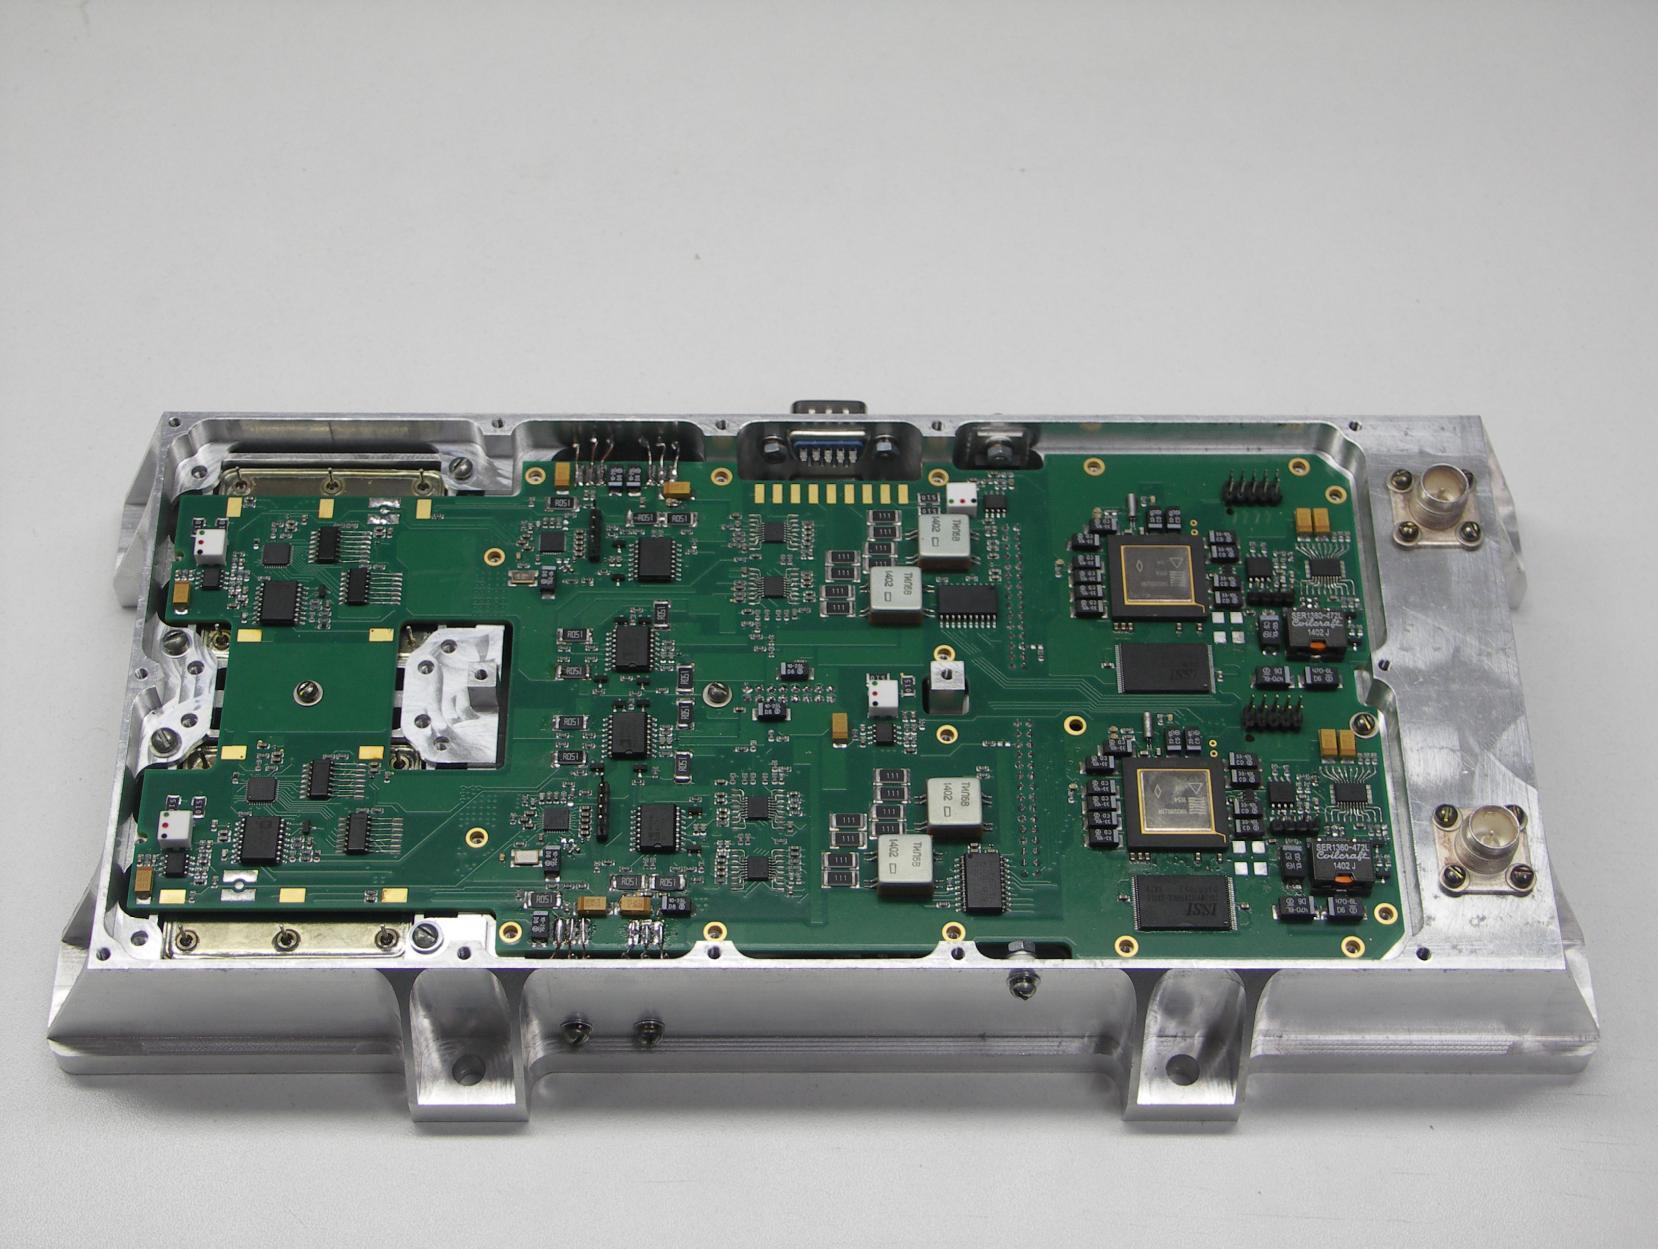 Блок элементов системы автономной навигации для космических аппаратов